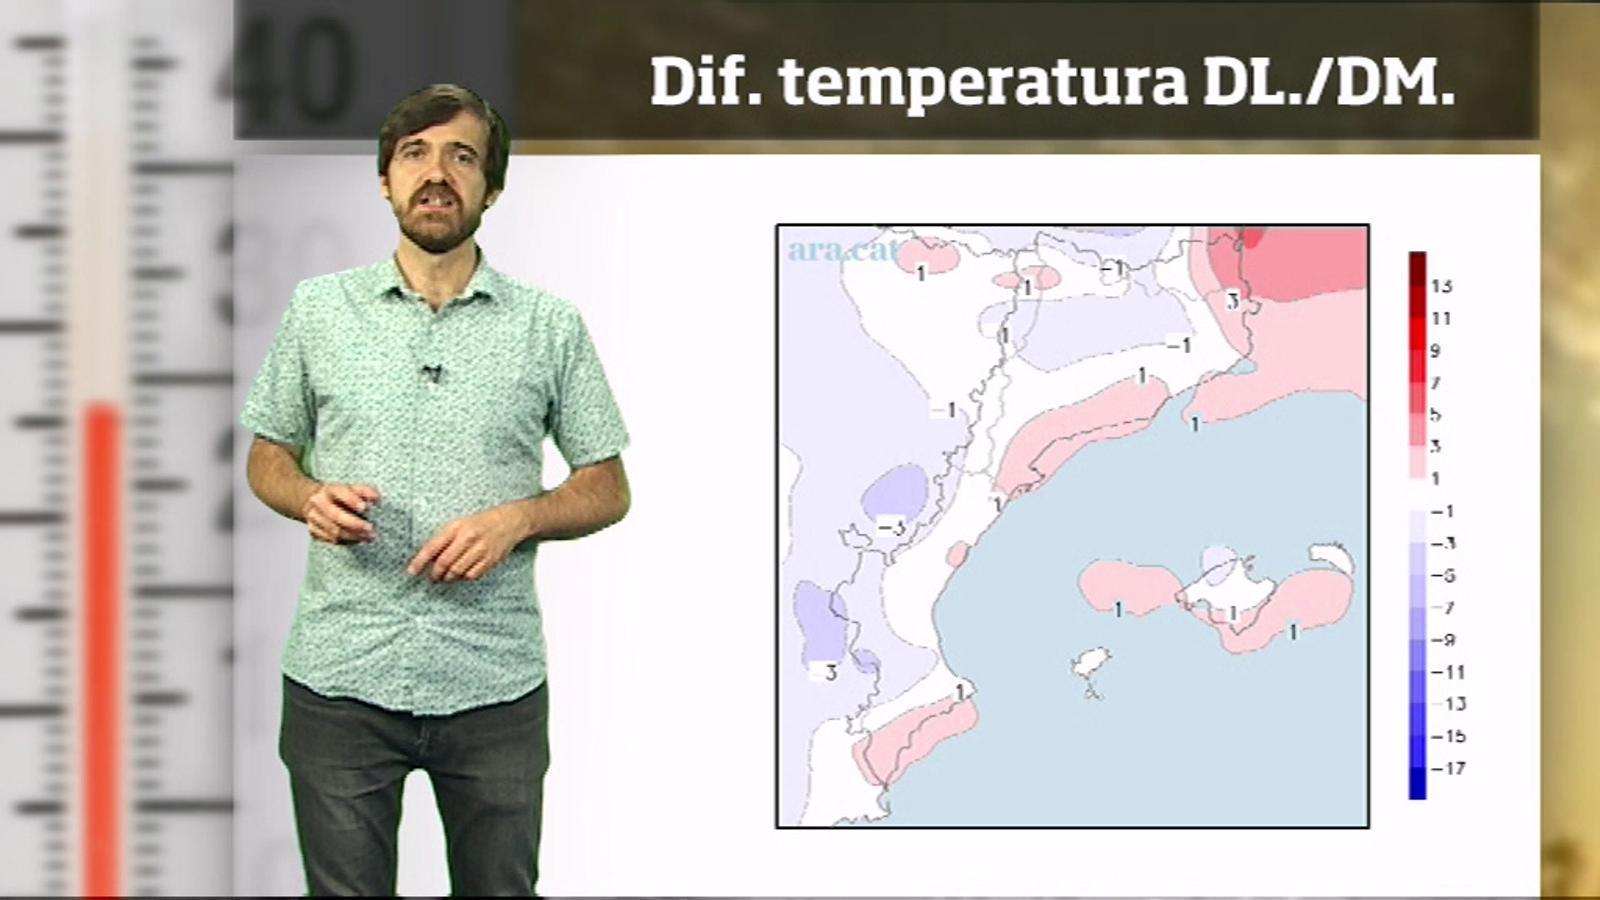 La méteo en 1 minut: setmana de calor amb ruixats només a l'inici